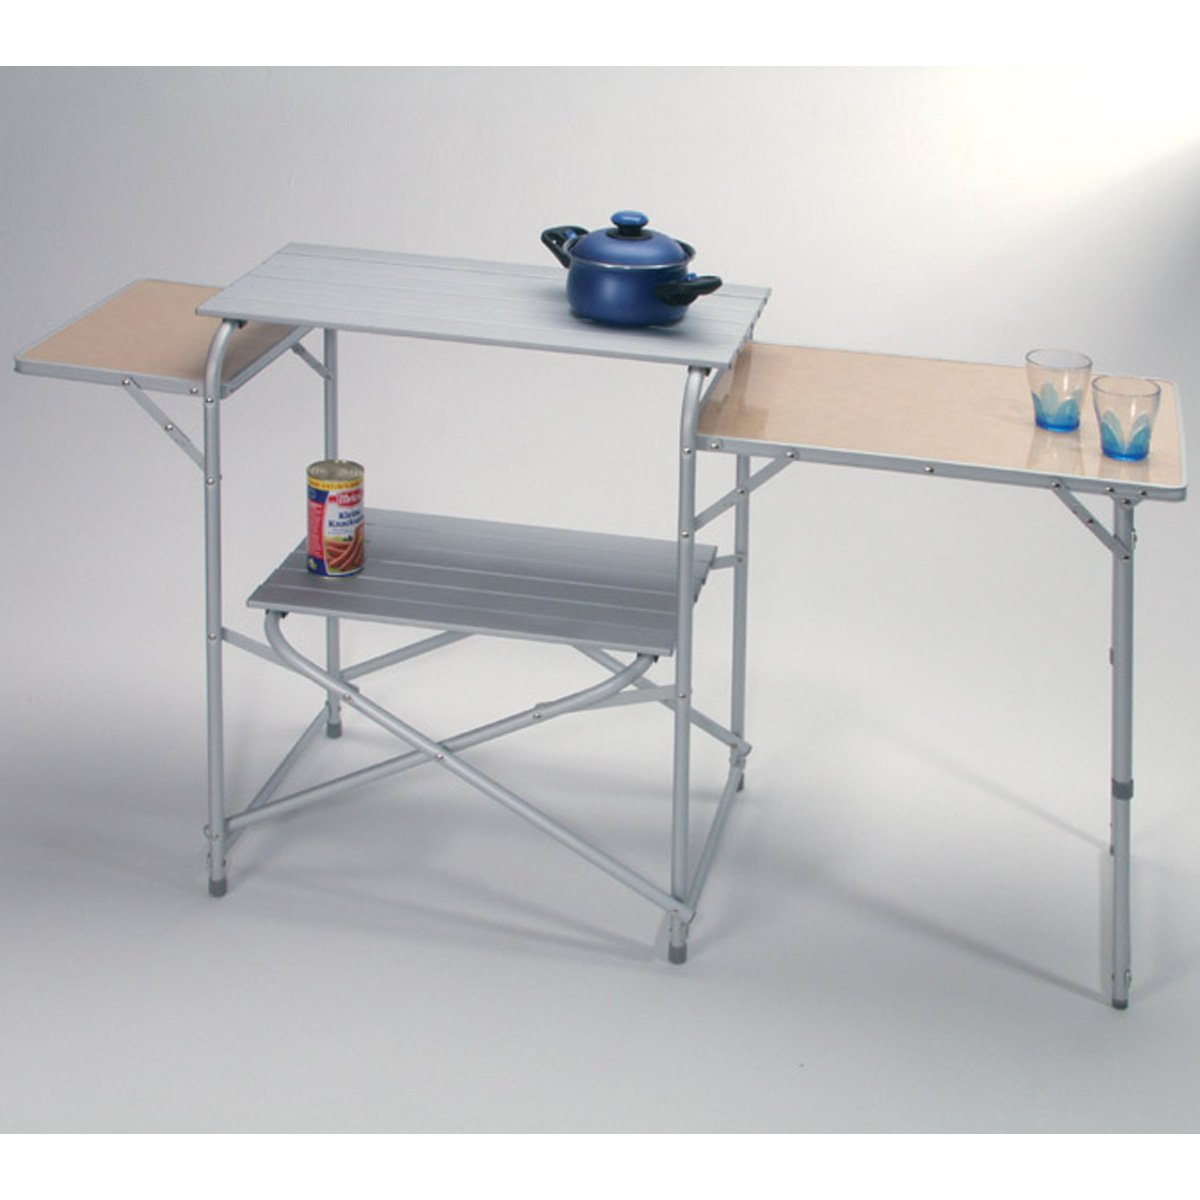 Camping-Küche Luzern 2 Kunststoff Abstellflächen und großer Alu Arbeitsfläche: Campingmöbel Reiseküche Kocherschrank Camping Schrank Zeltzubehör